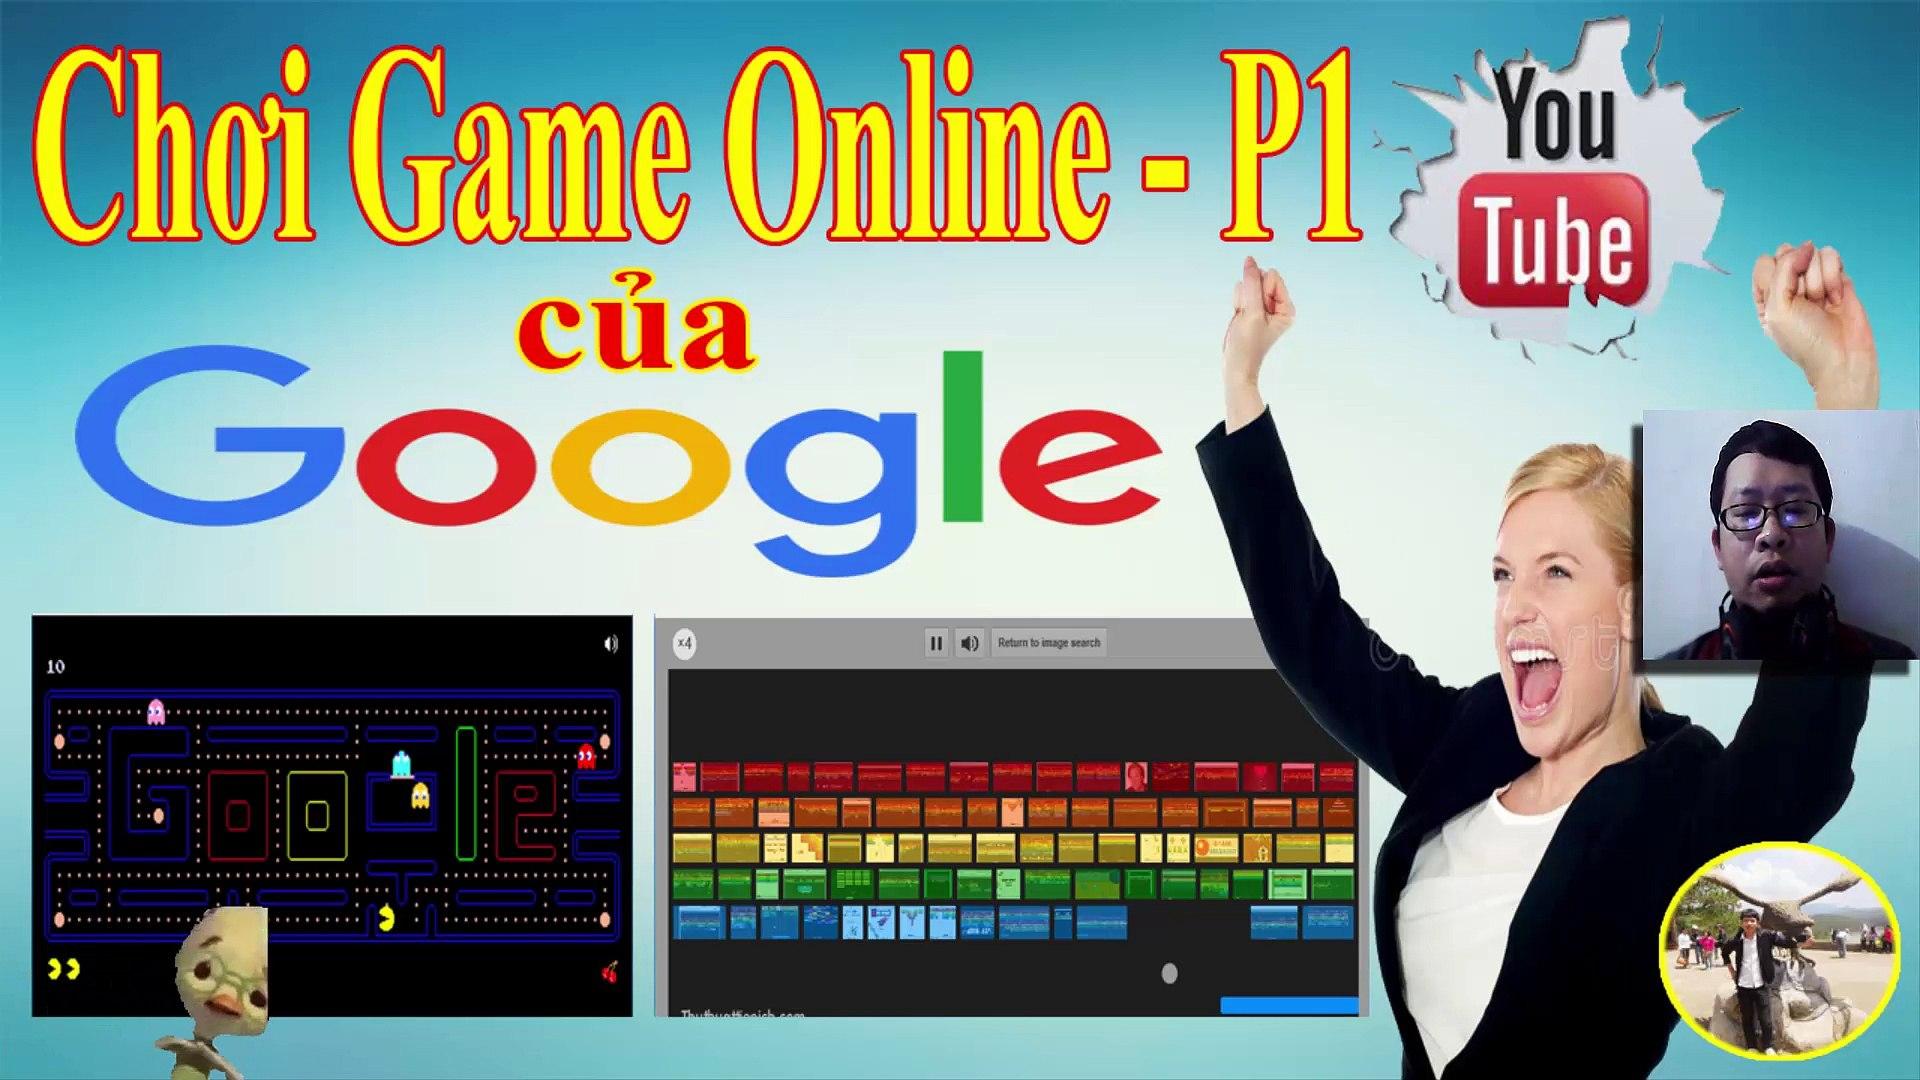 Hướng dẫn cách chơi Game Online Trực Tiếp trên Google Search Phần 1